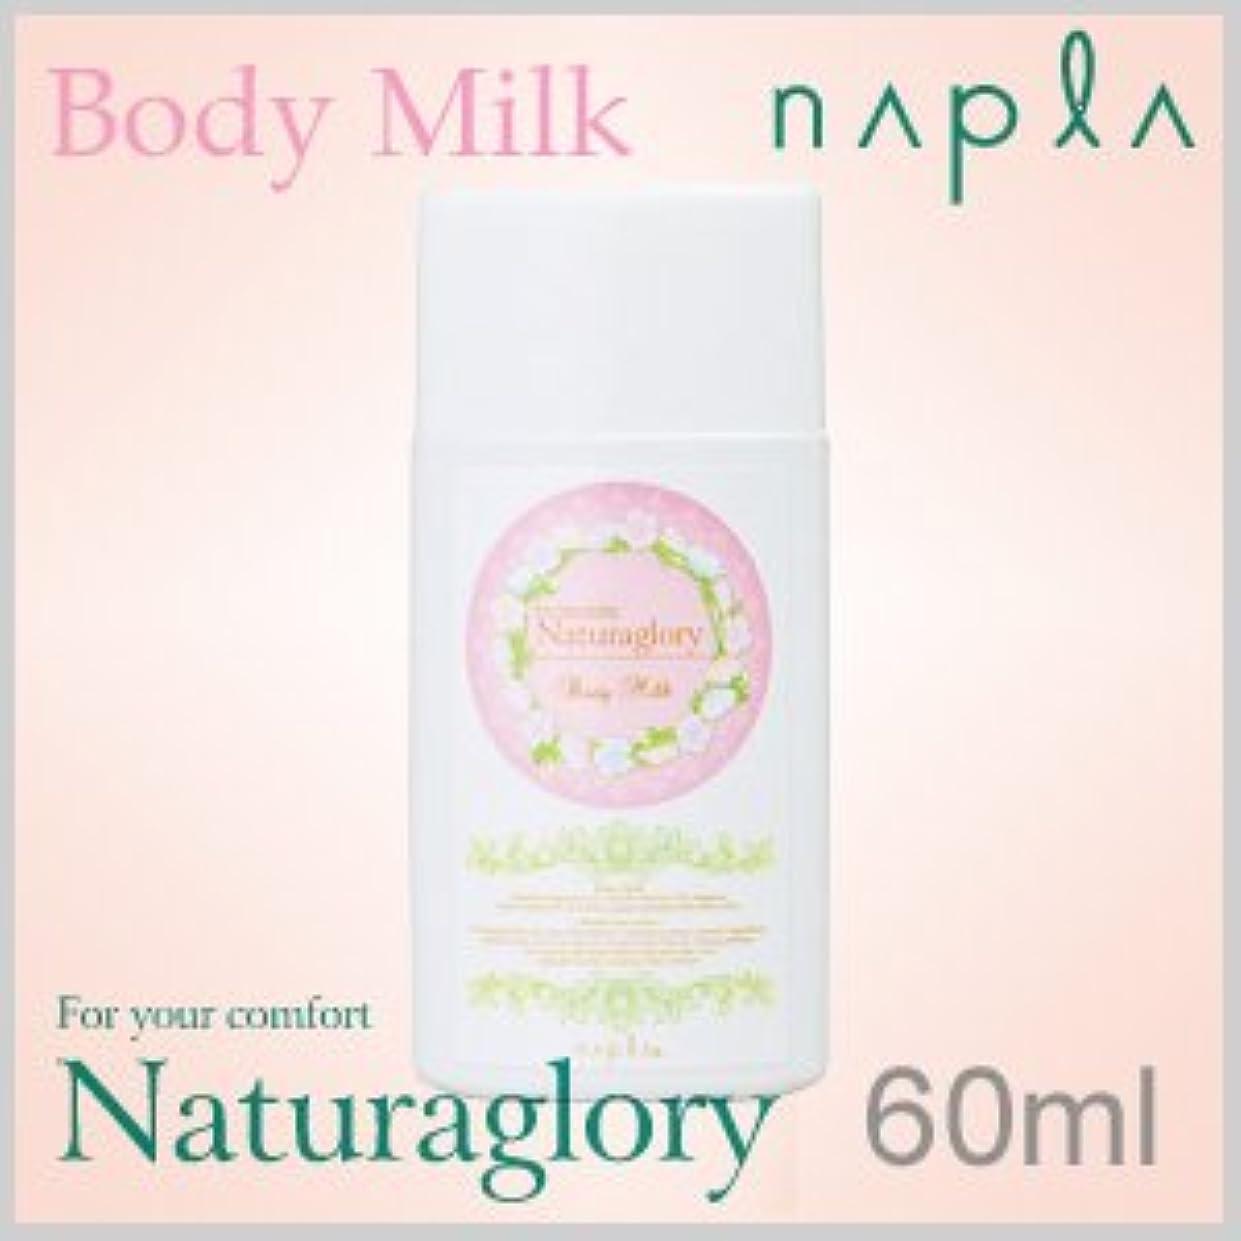 差し控える光ボイラーナプラ ケアテクトHB ナチュラグローリー ボディーミルク 60ml(お試し ミニサイズ) 無添加クリーム